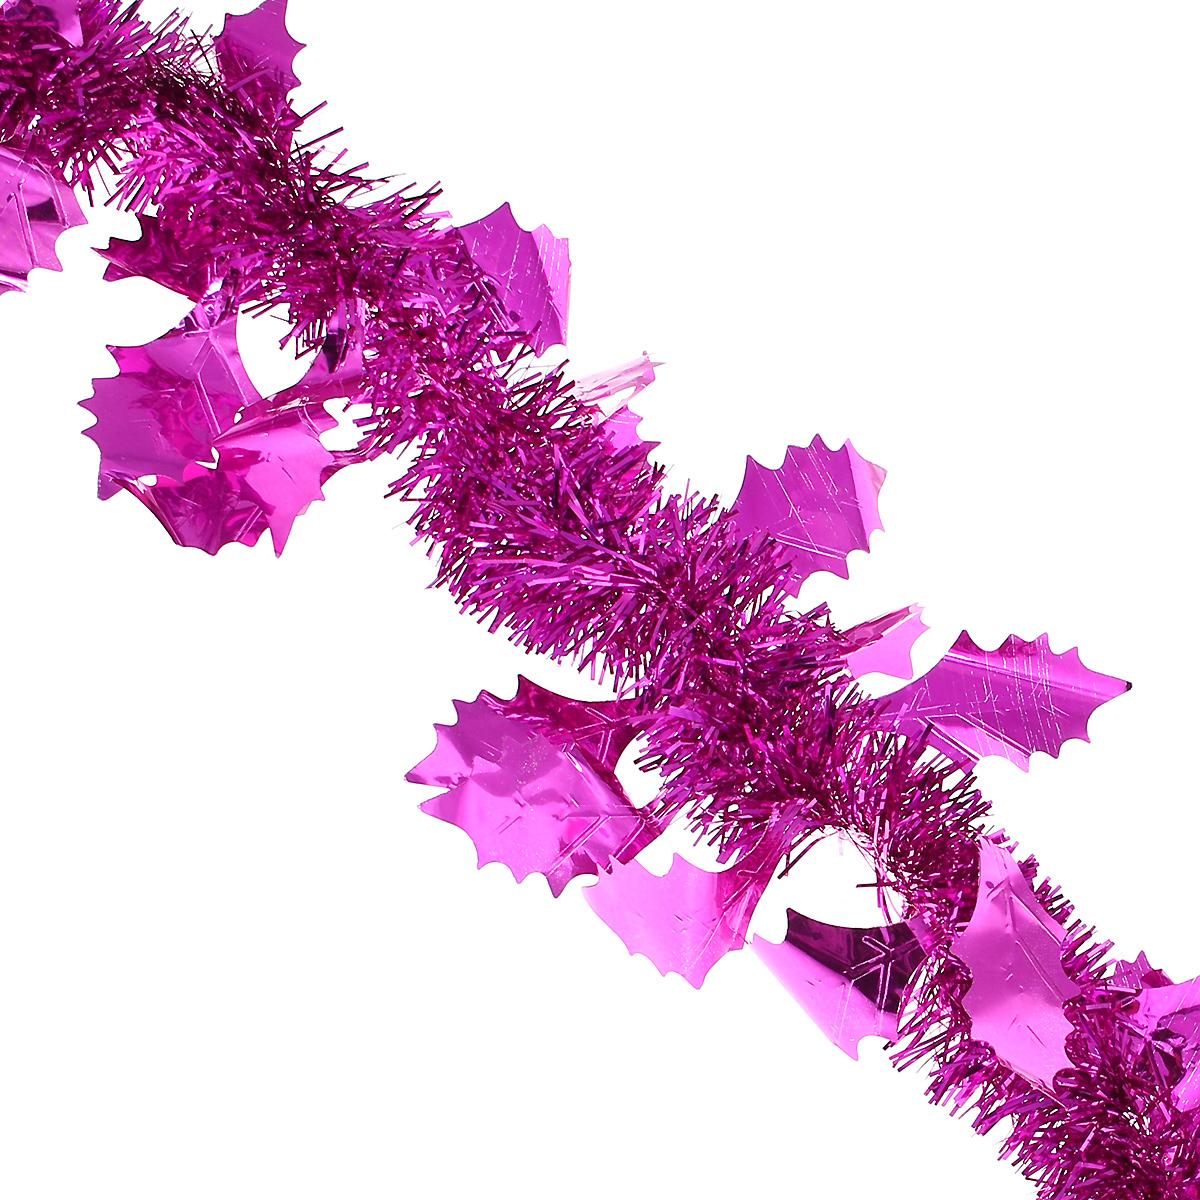 Мишура новогодняя Magic Time, с листьями, диаметр 9 см, длина 200 см, цвет: фиолетовый. 2692426924Новогодняя мишура Magic Time, выполненная из ПЭТ (Полиэтилентерефталат), поможет вам украсить свой дом к предстоящим праздникам. Изделие выполнено в виде скрученной косички. Новогодняя елка с таким украшением станет еще наряднее. Мишура армирована, то есть имеет проволоку внутри и способна сохранять форму. Новогодней мишурой можно украсить все, что угодно - елку, квартиру, дачу, офис - как внутри, так и снаружи. Можно сложить новогодние поздравления, буквы и цифры, мишурой можно украсить и дополнить гирлянды, можно выделить дверные колонны, оплести дверные проемы. Коллекция декоративных украшений из серии Magic Time принесет в ваш дом ни с чем несравнимое ощущение волшебства! Создайте в своем доме атмосферу тепла, веселья и радости, украшая его всей семьей.